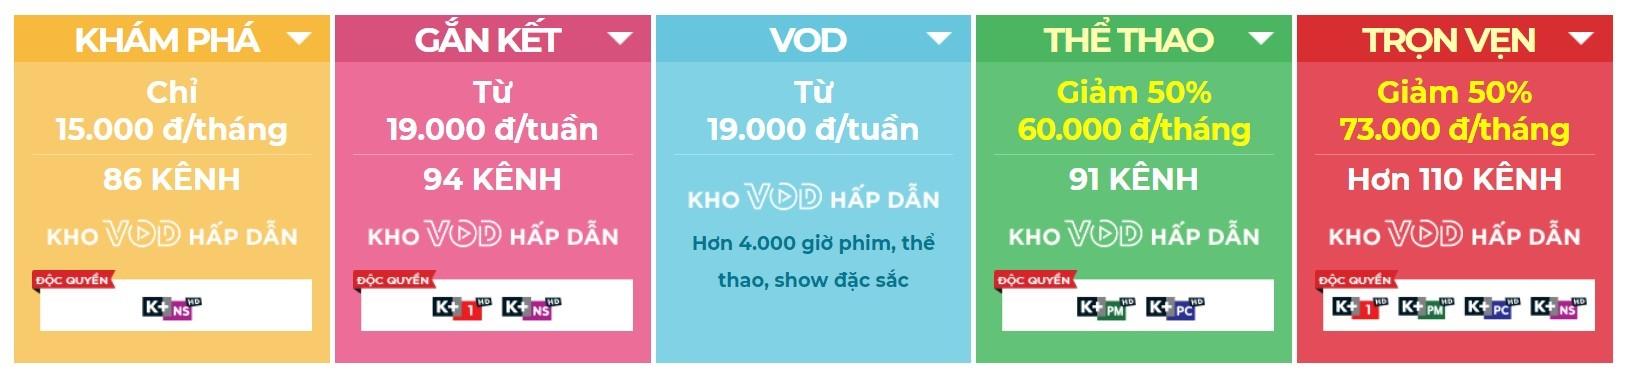 Đối với khách hàng đăng ký xem truyền hình K+ trên ứng dụng K+